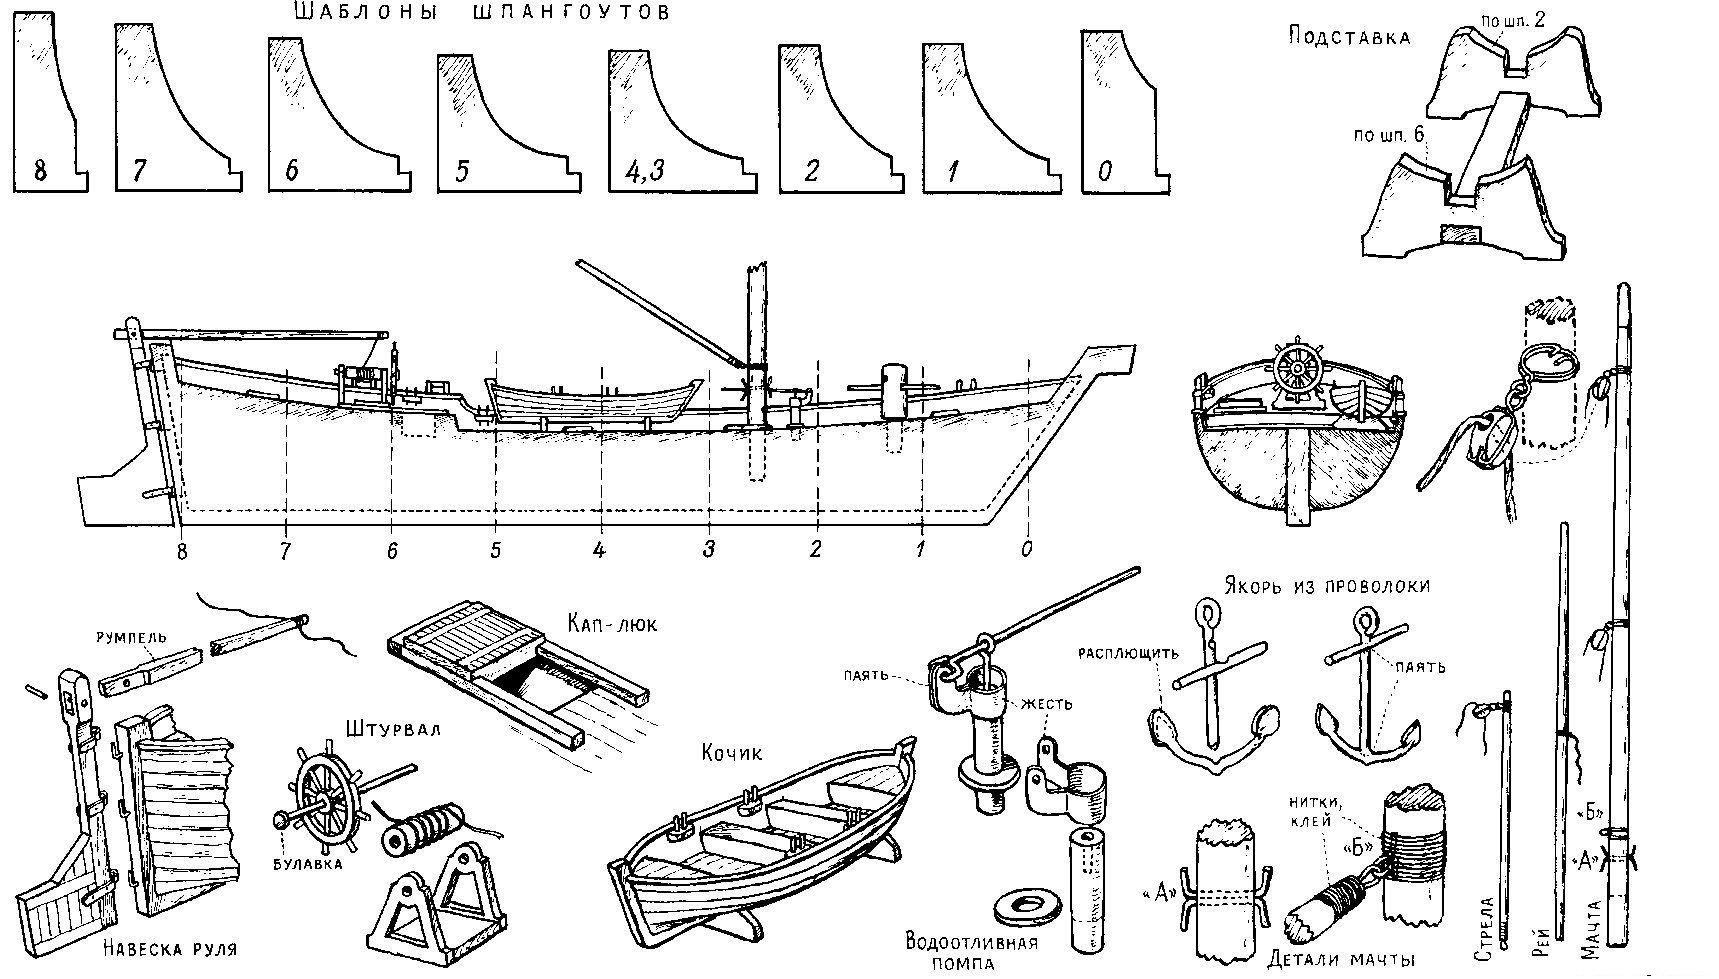 Чертежи модели кораблей из дерева своими руками чертежи